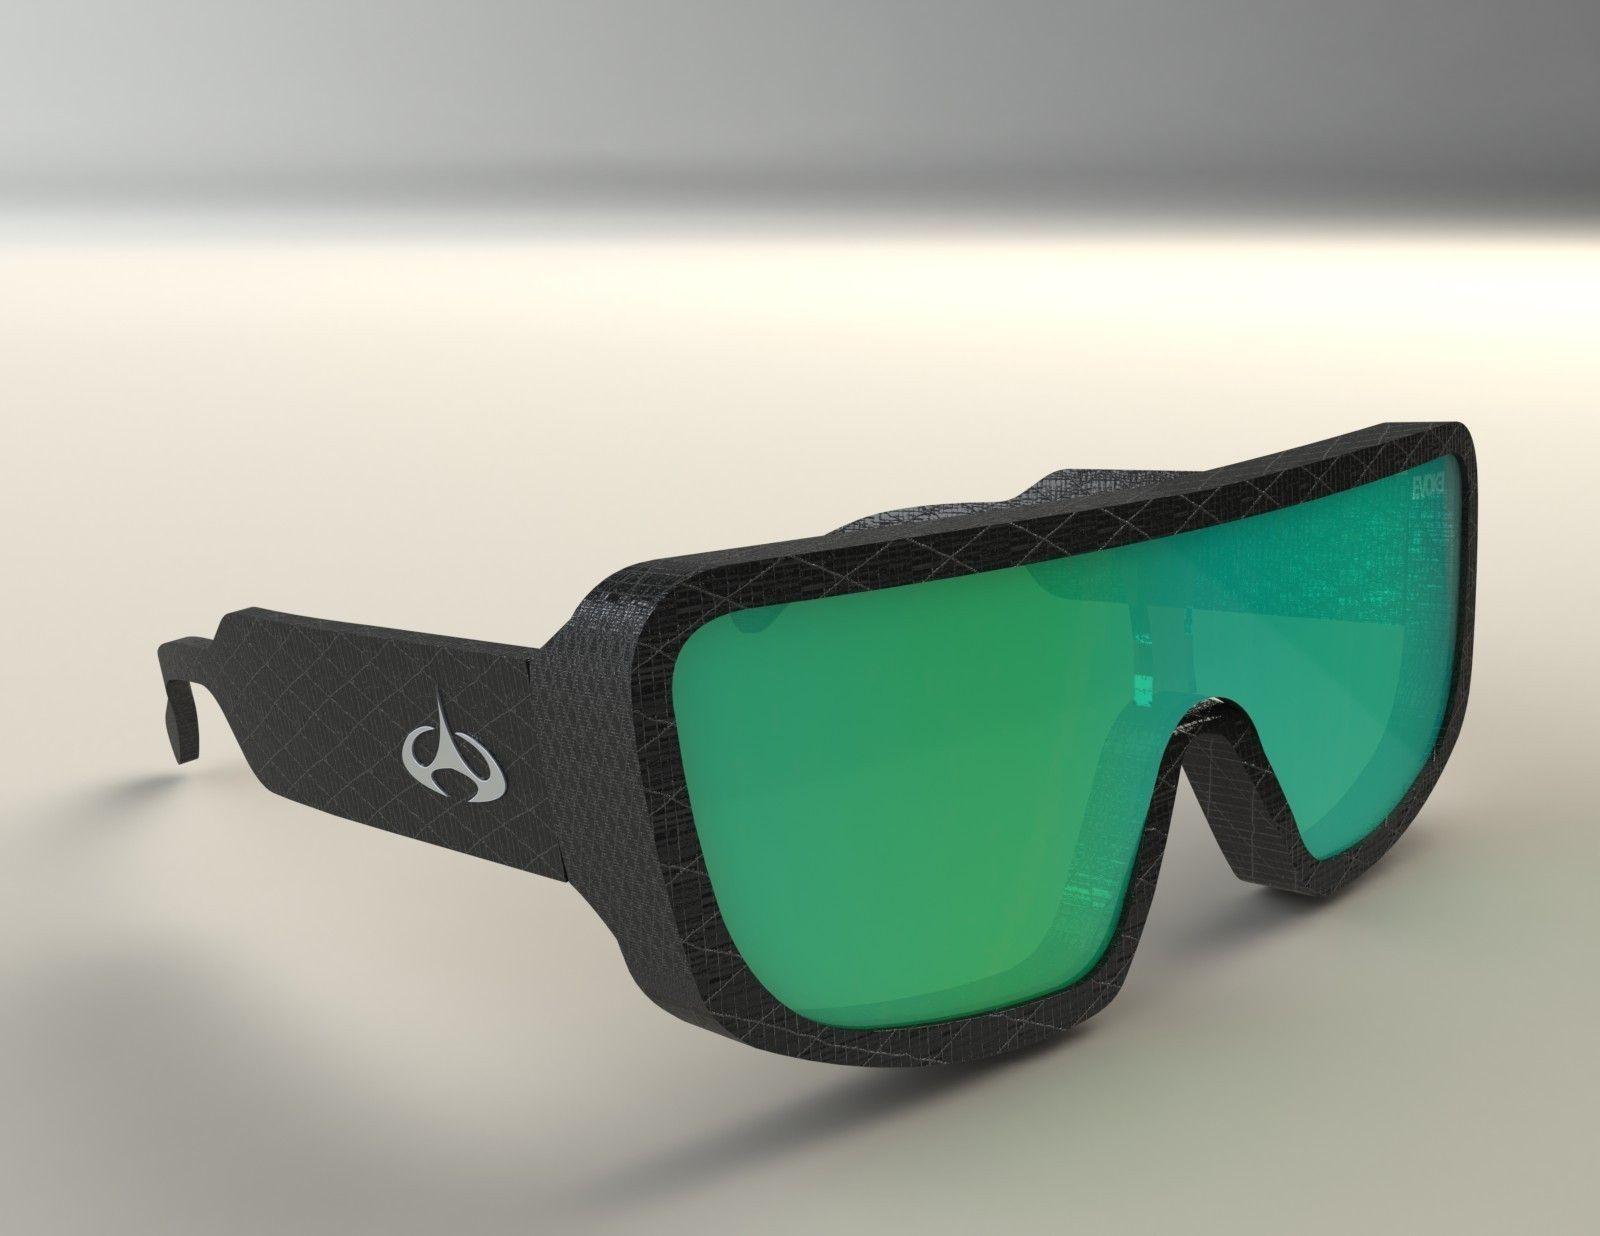 Evoke Amplifier Sunglasses shield